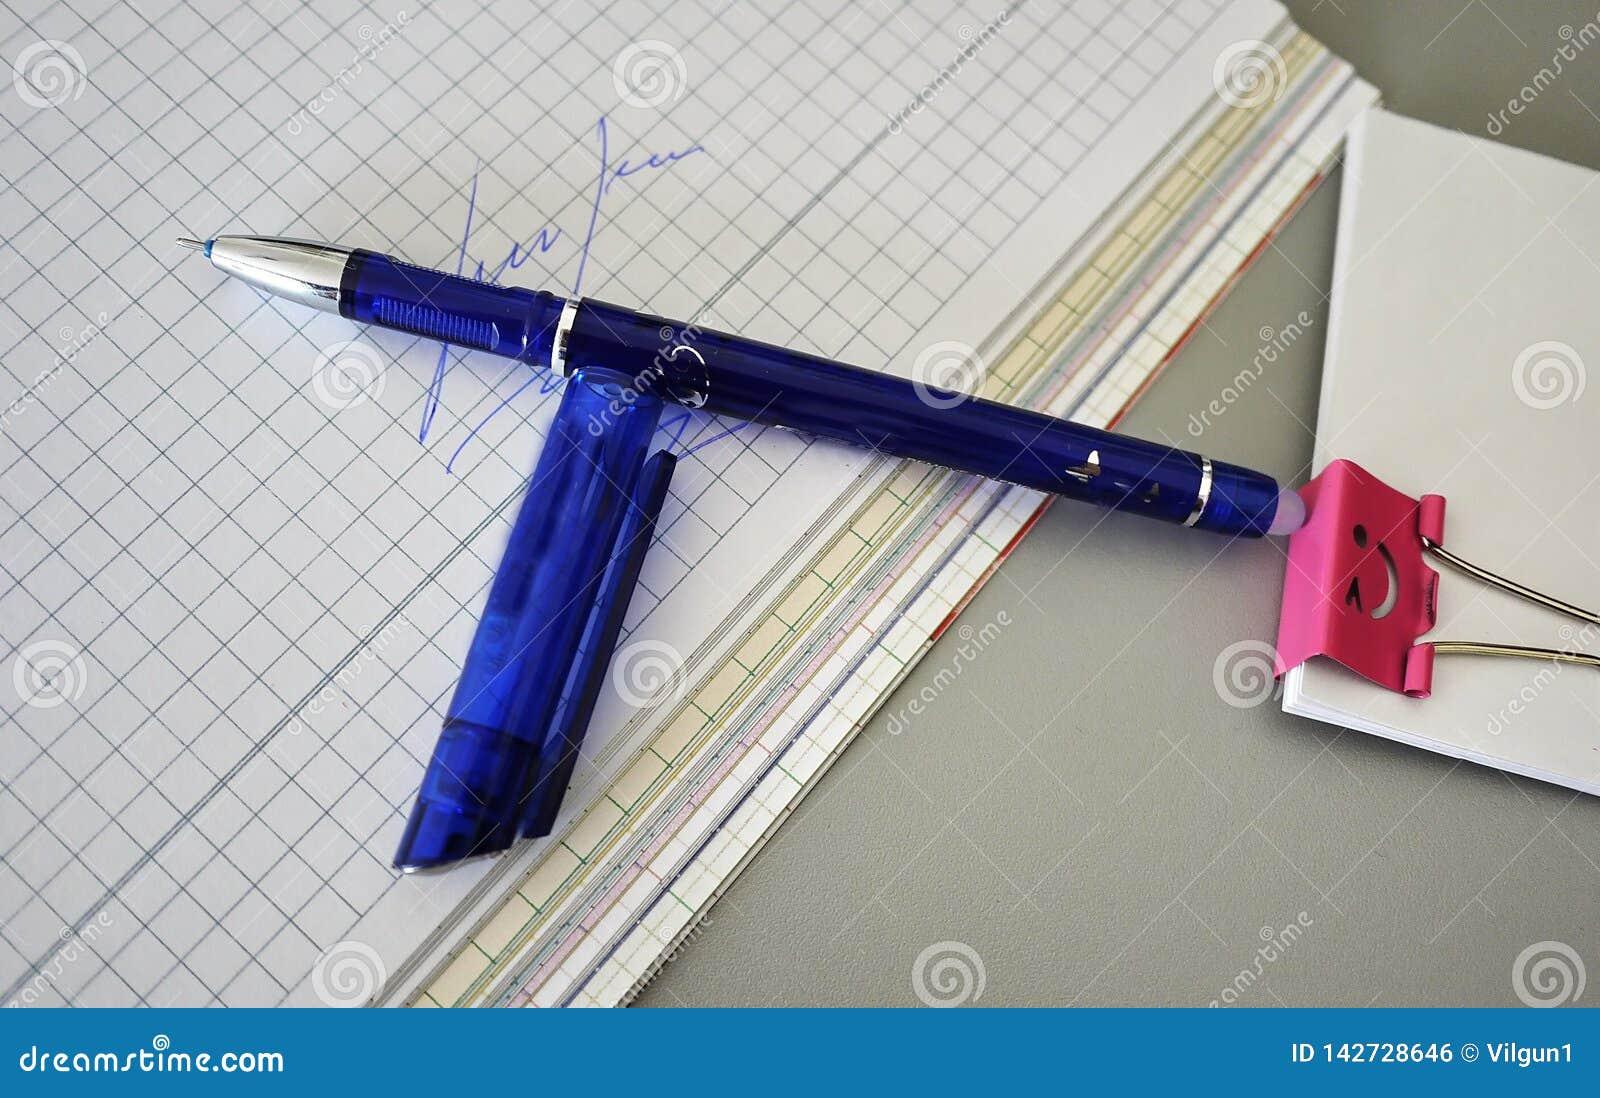 在书桌美妙地放置的多彩多姿的笔